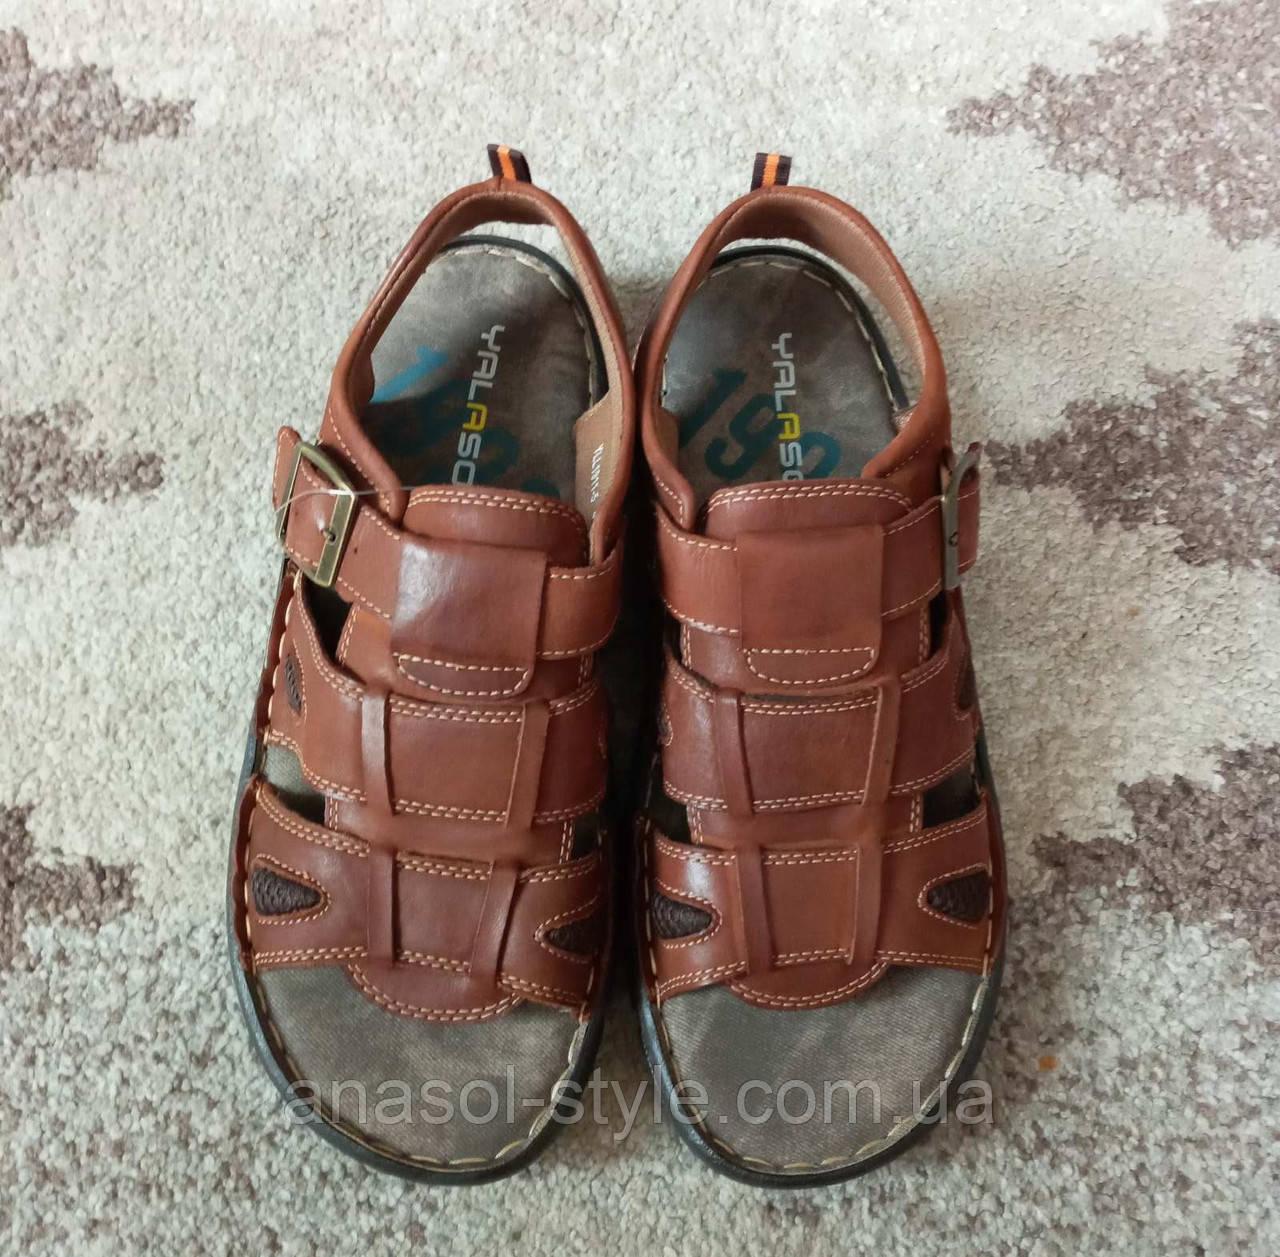 Мужские босоножки сандалии экокожа классические коричневые